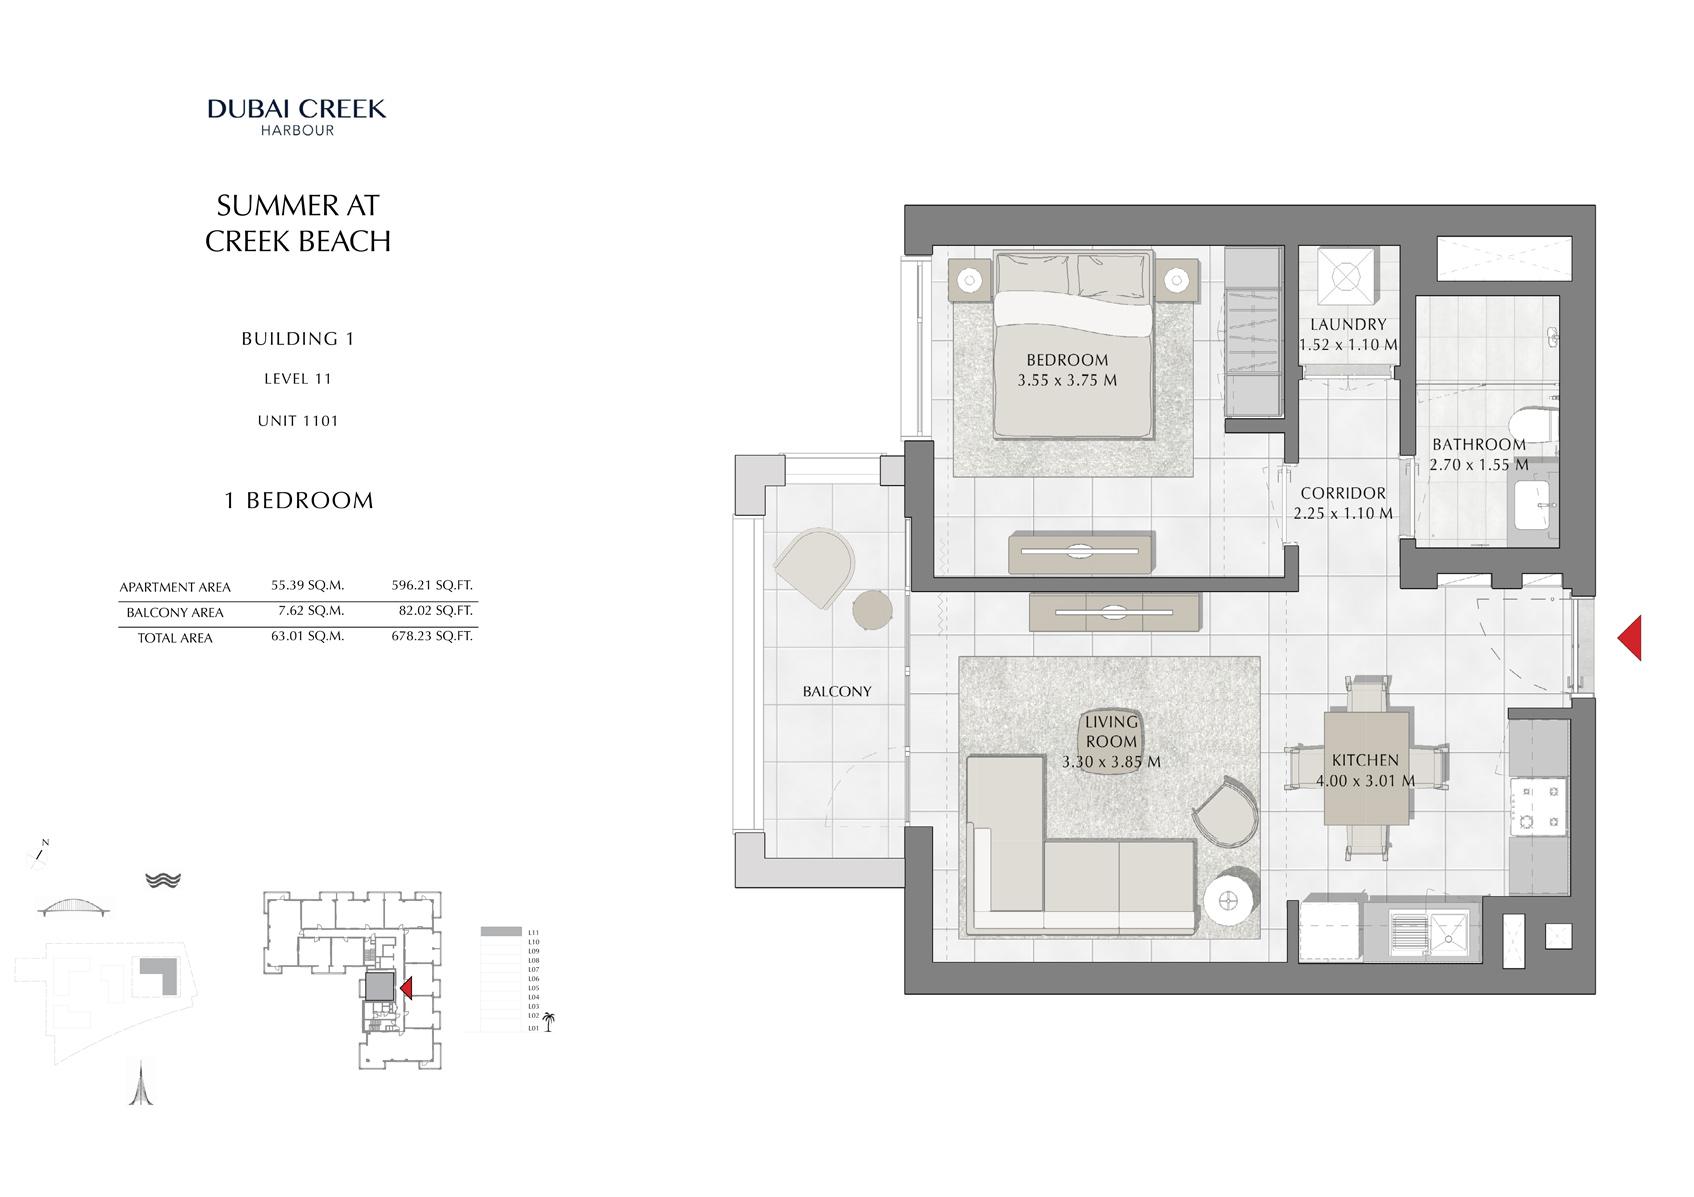 1 Br Building 1 Level 11 Unit 1101, Size 678 Sq Ft